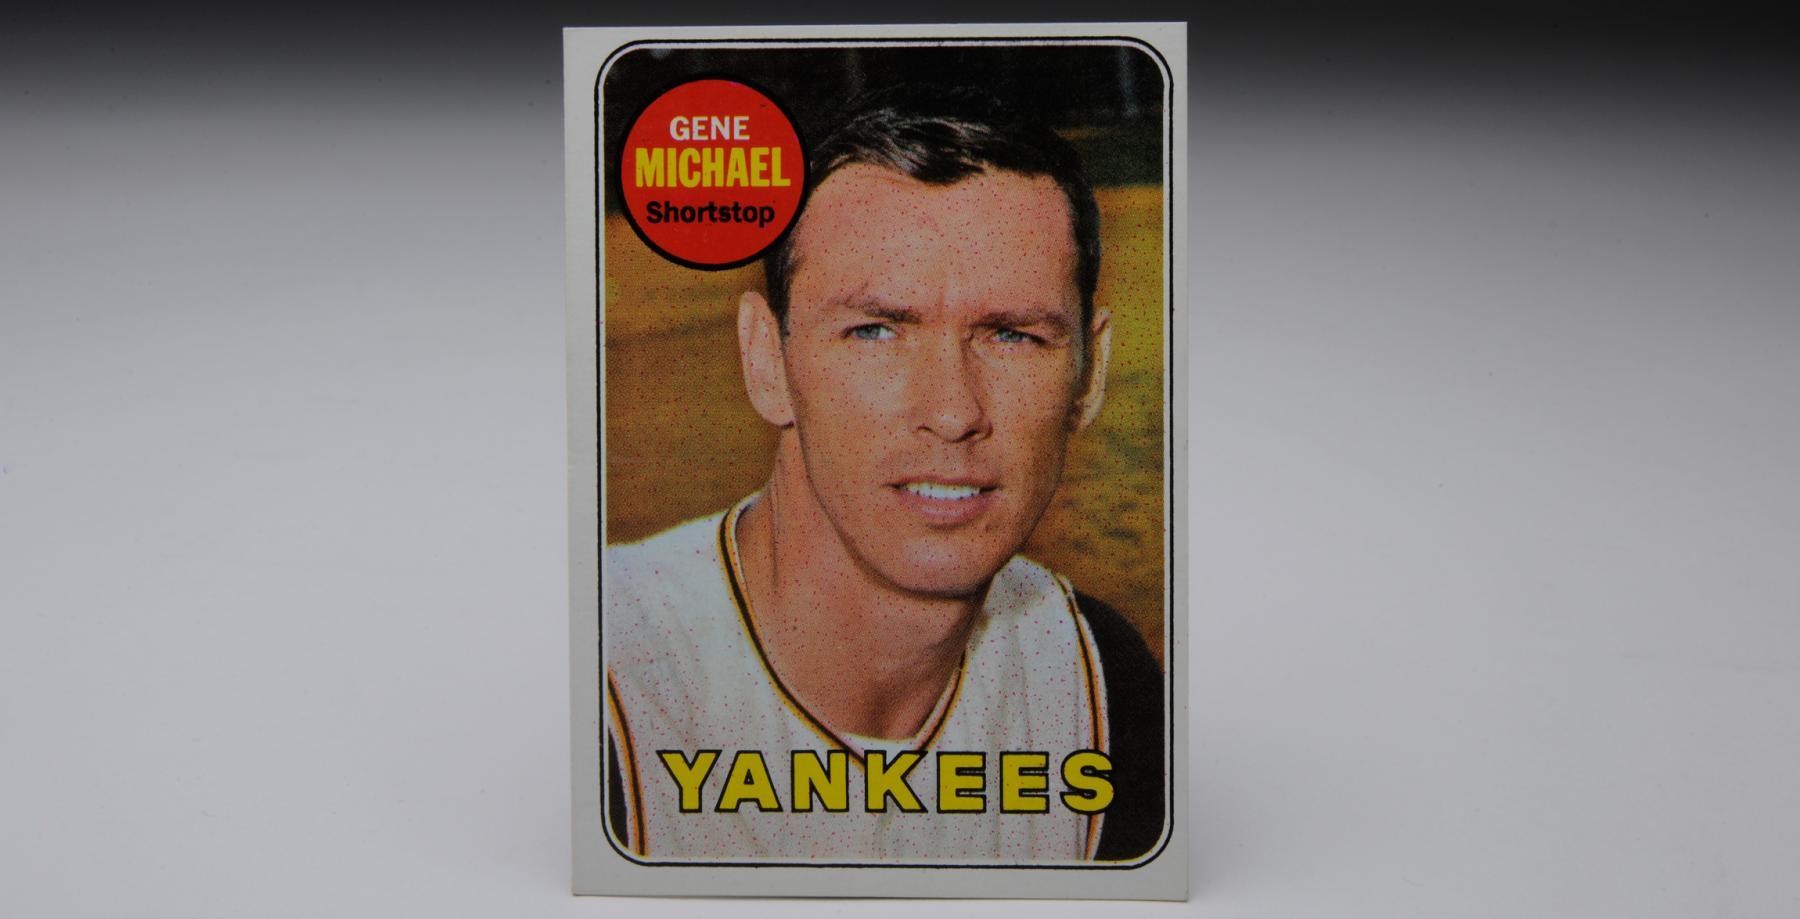 1969 Topps Gene Michael baseball card. (Milo Stewart, Jr. / National Baseball Hall of Fame)